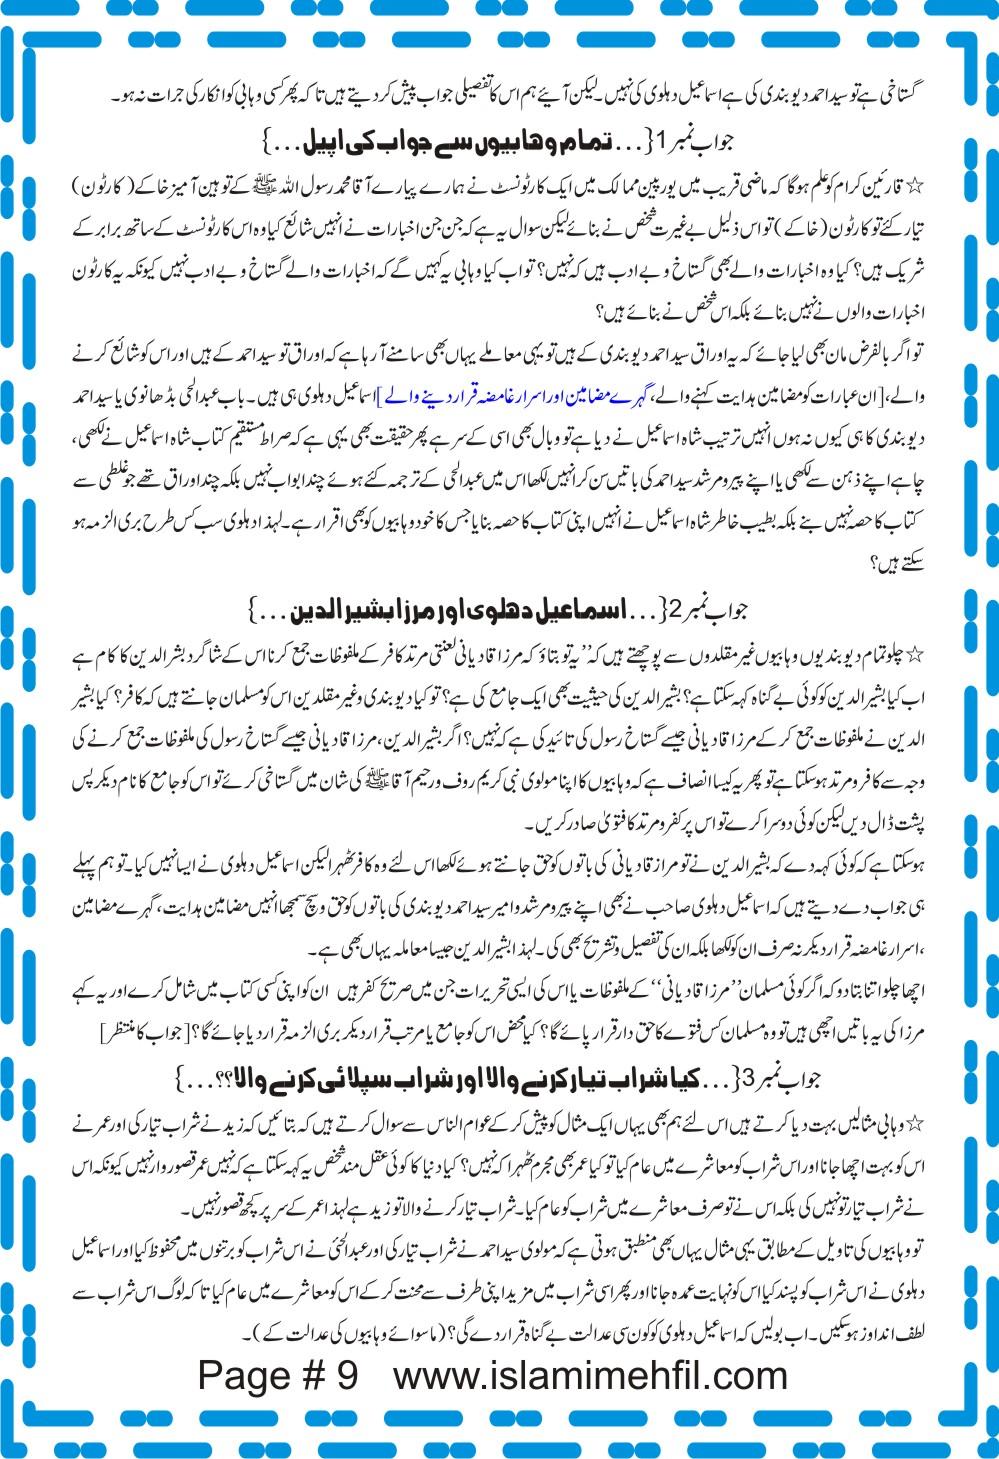 Siratul Mustaqeem (9).jpg